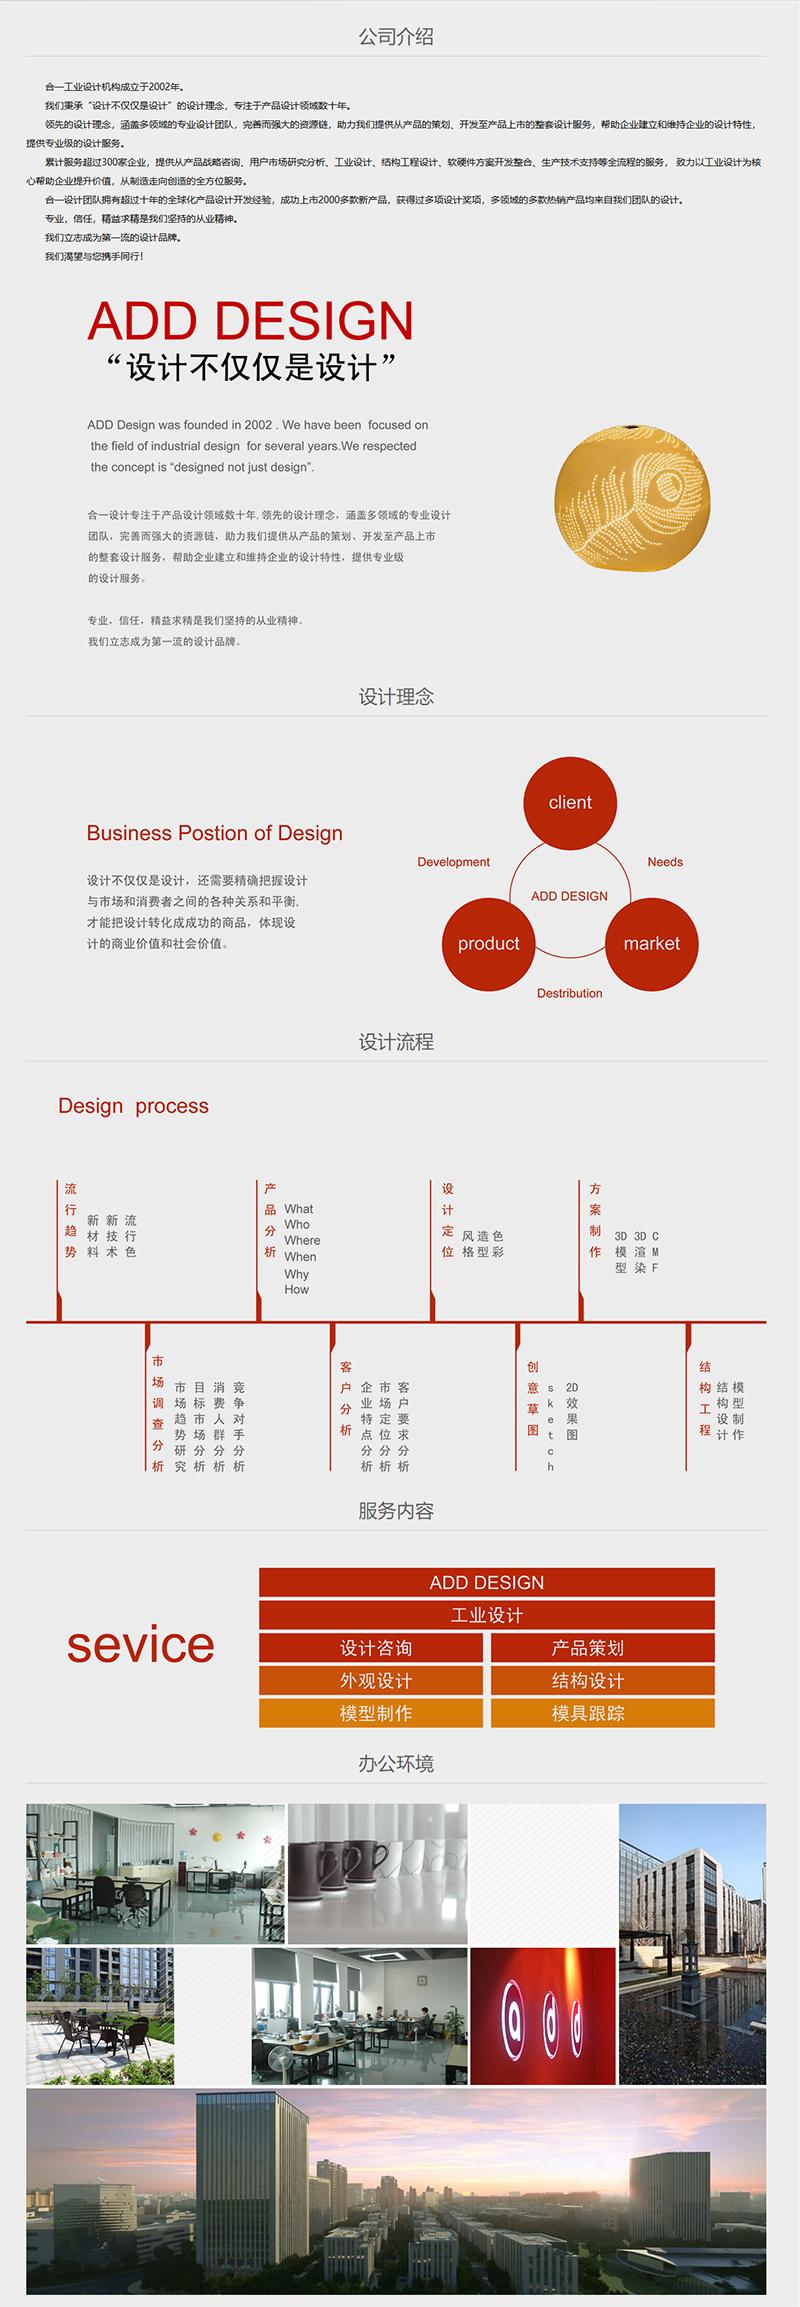 公司介绍_慈溪市合一工业设计有限公司.jpg